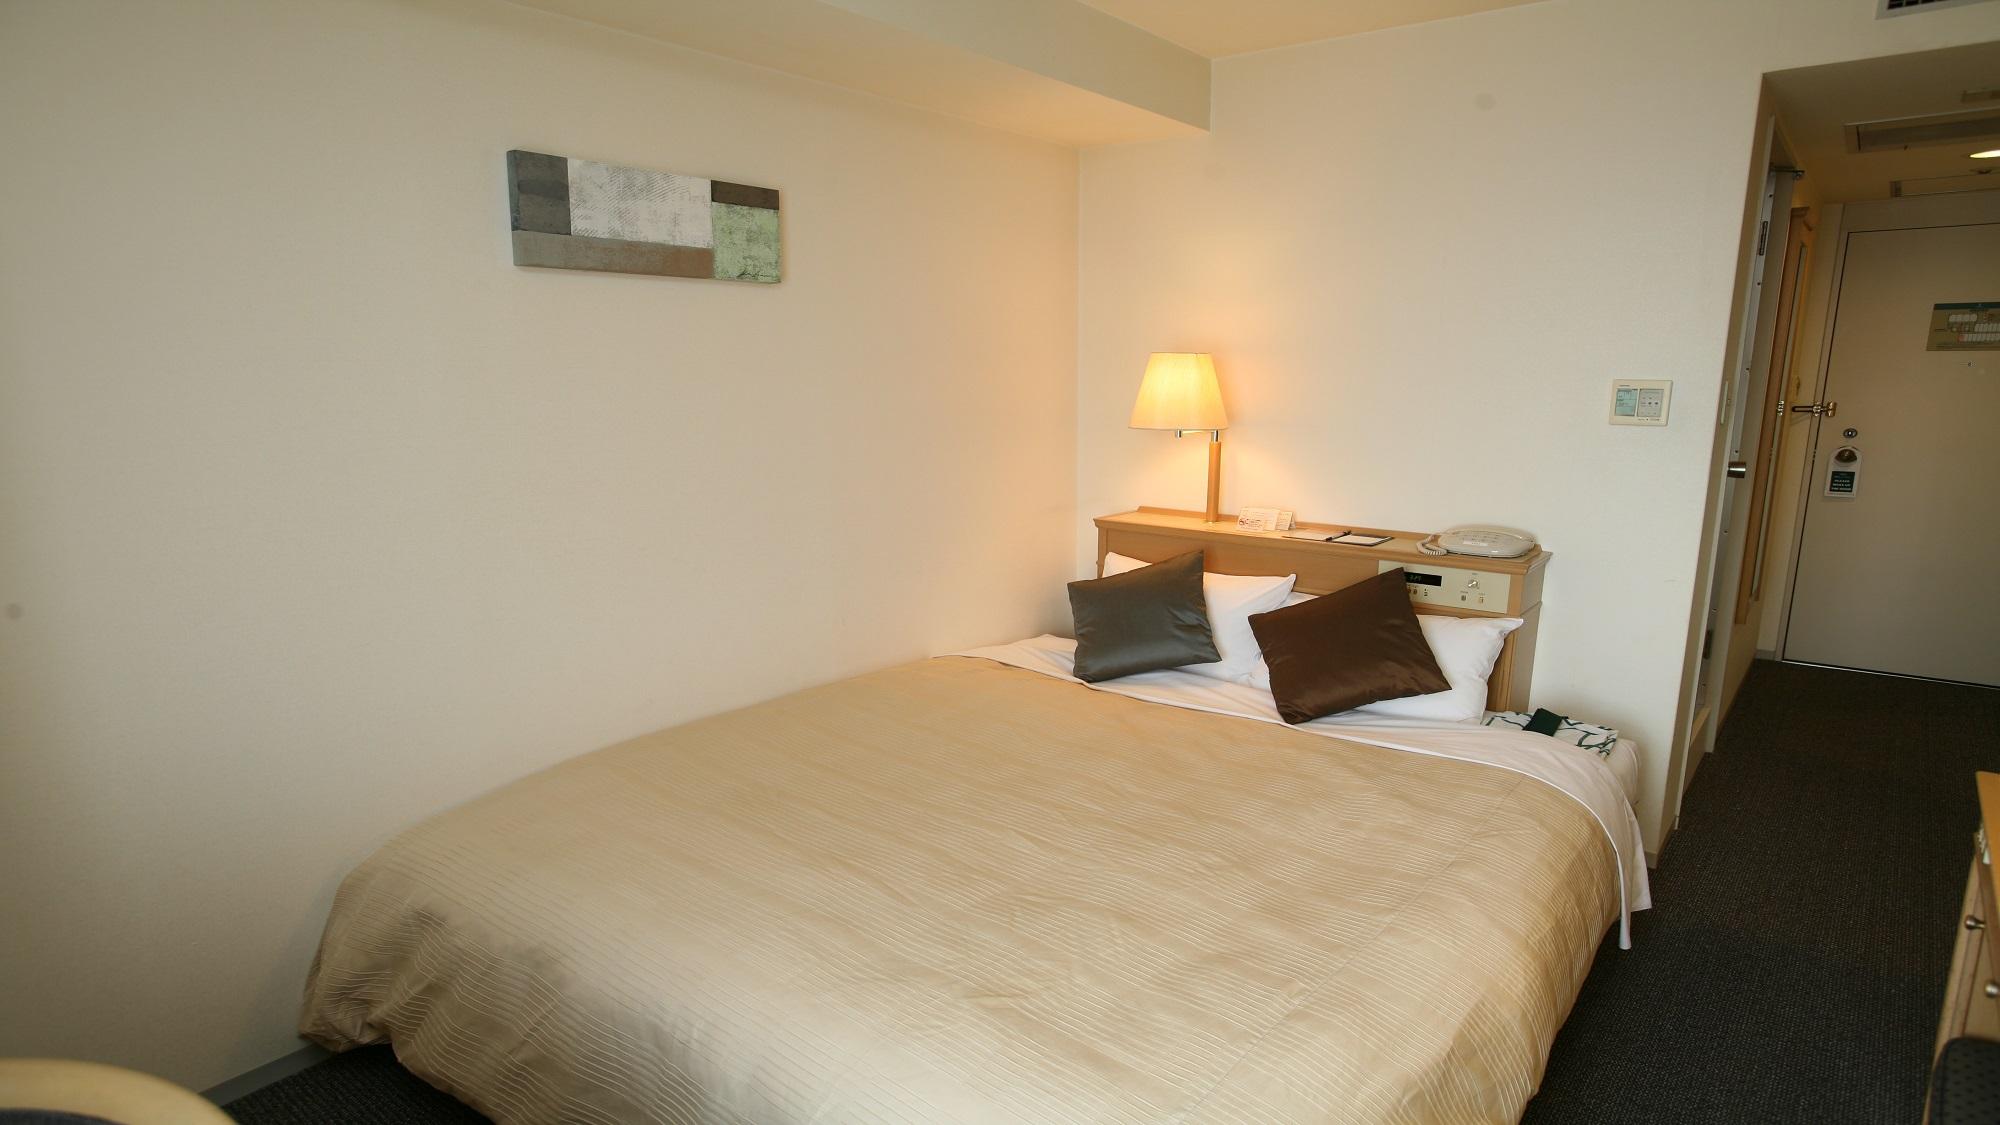 サイプレスガーデンホテル / ダブルルーム